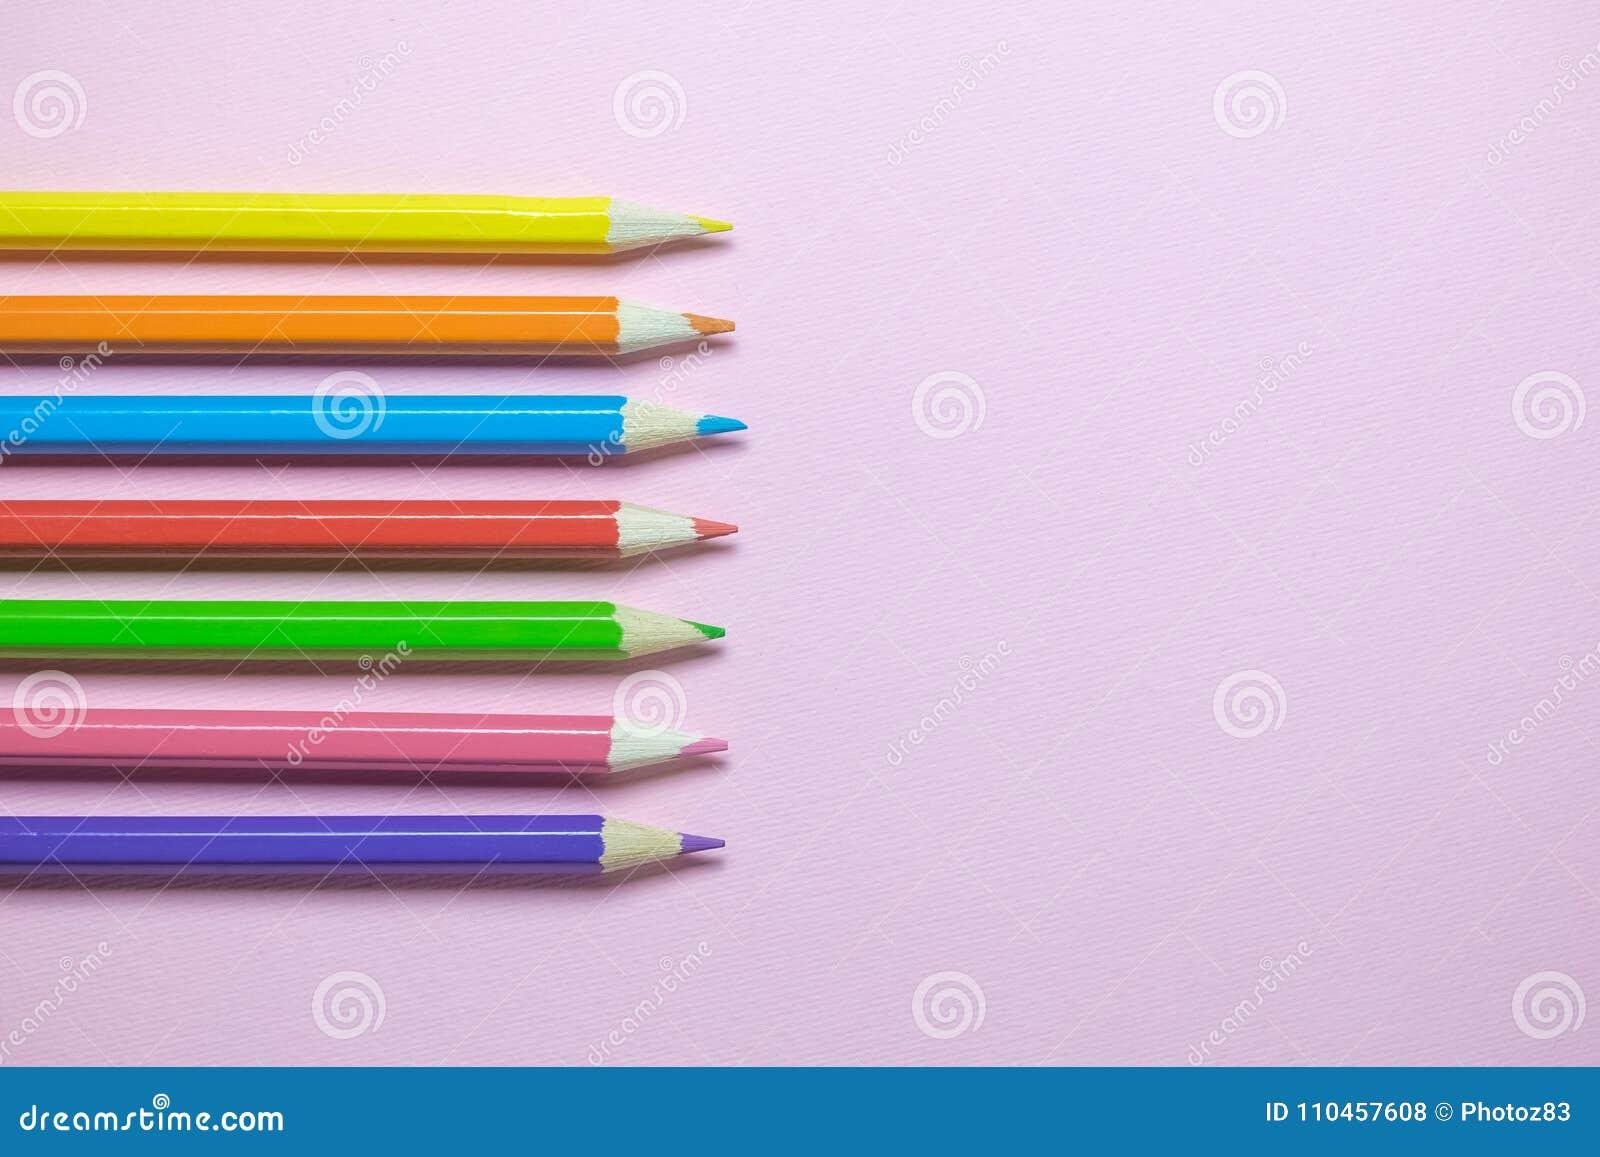 Lägenhet som är lekmanna- av träfärgpennor i olika färger på vanlig rosa bakgrund